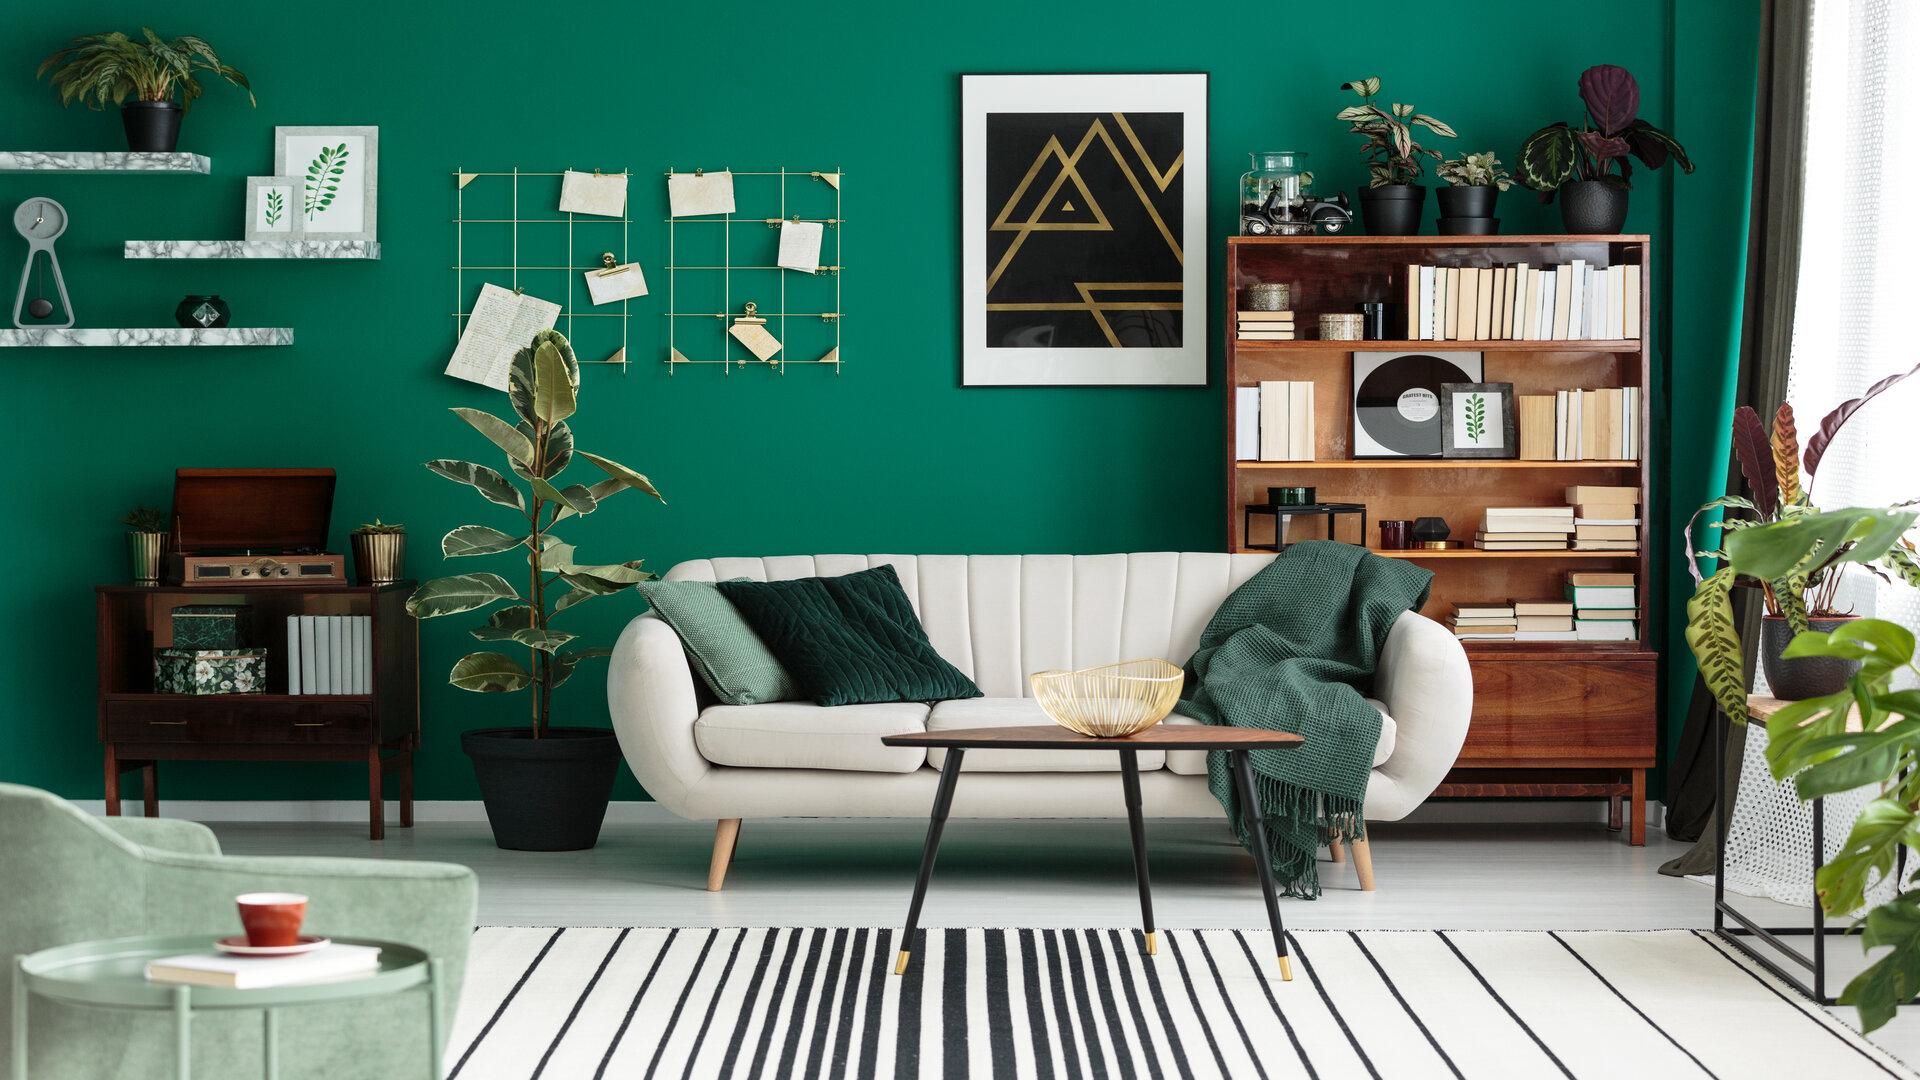 Tendance Deco 2019 Salon décoration salon green : nouvelle tendance qui fait fureur